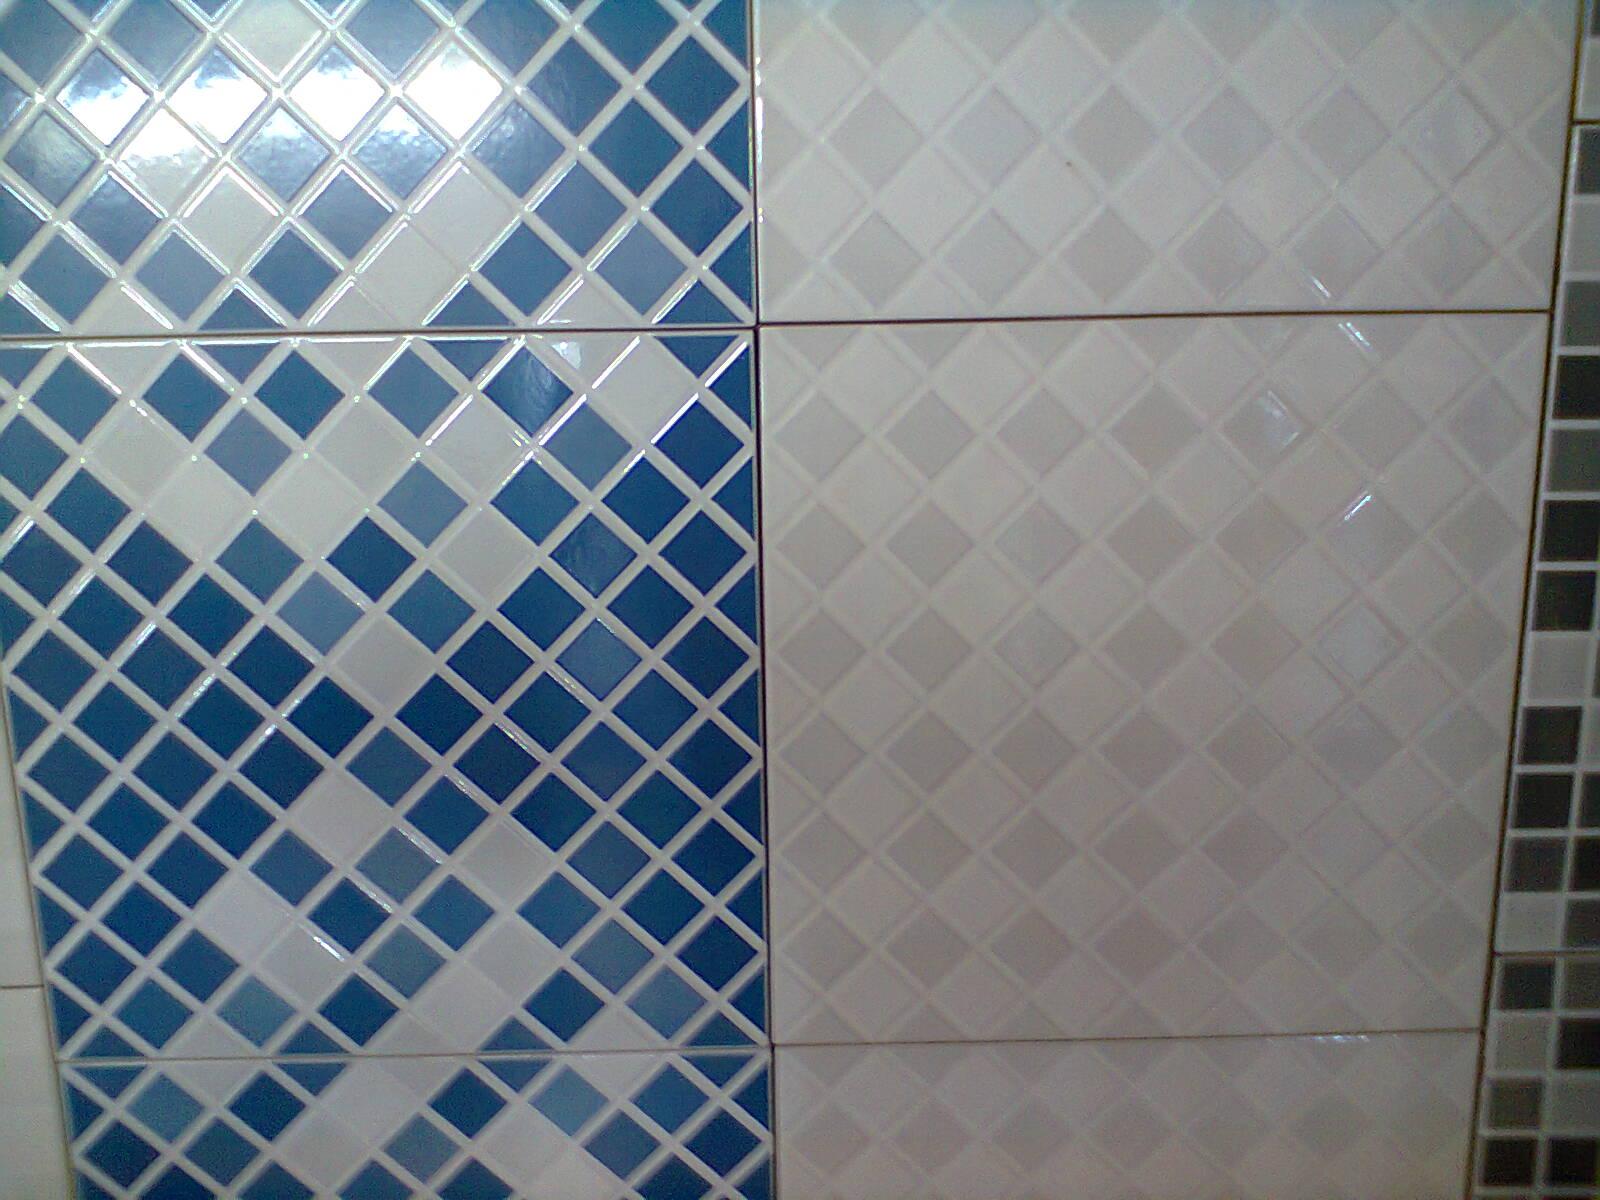 Essa pastilhada azul e branco vai revestir as paredes do banheiro #1C4165 1600x1200 Banheiro Branco Com Rejunte Azul